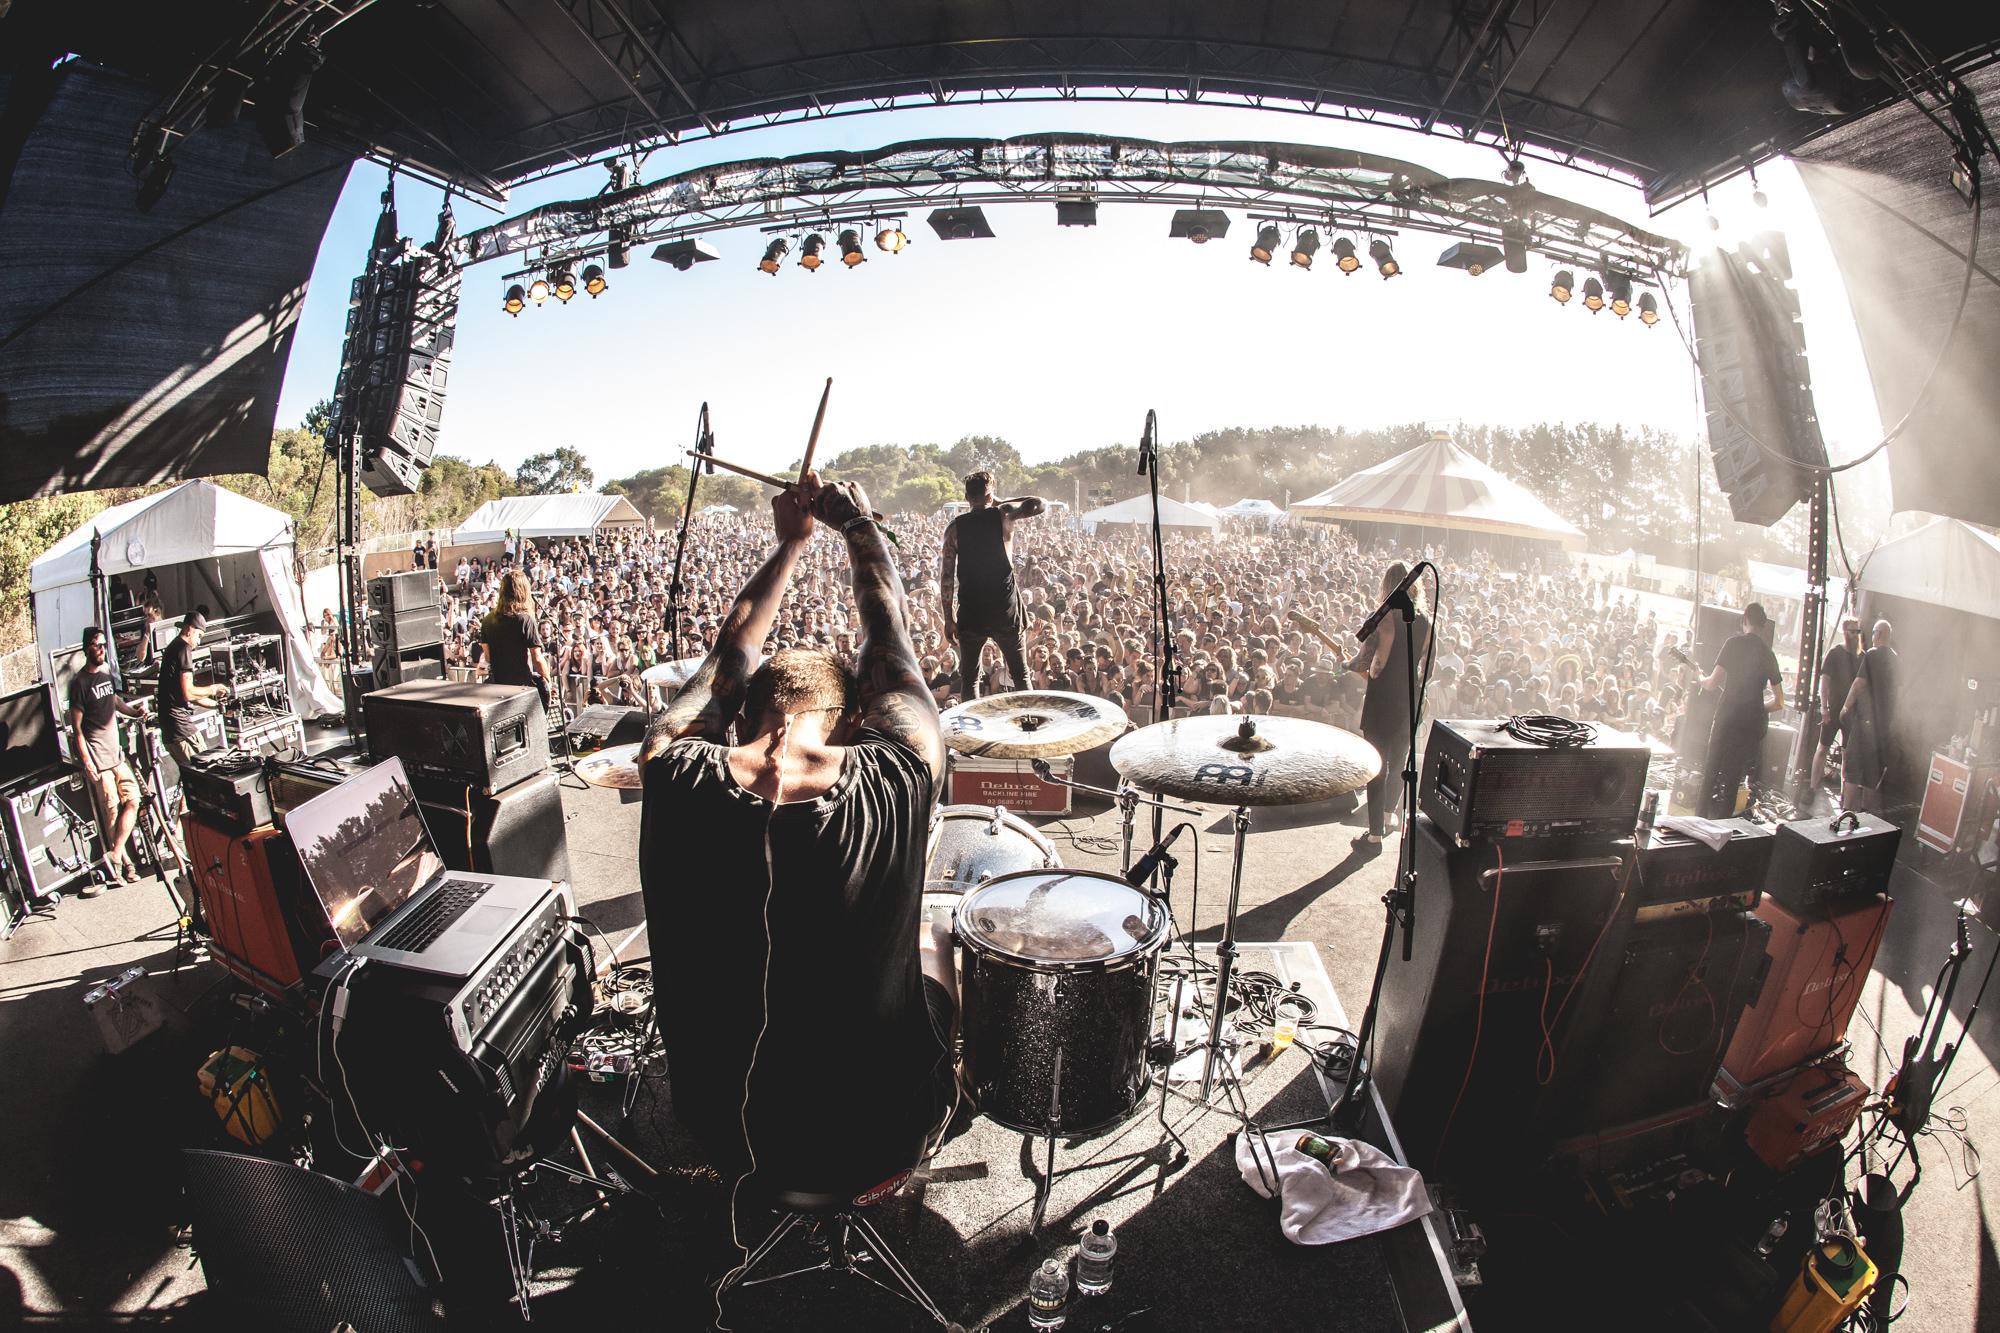 unify-dream-on-dreamer-festival-concert-event-music-photography.jpg